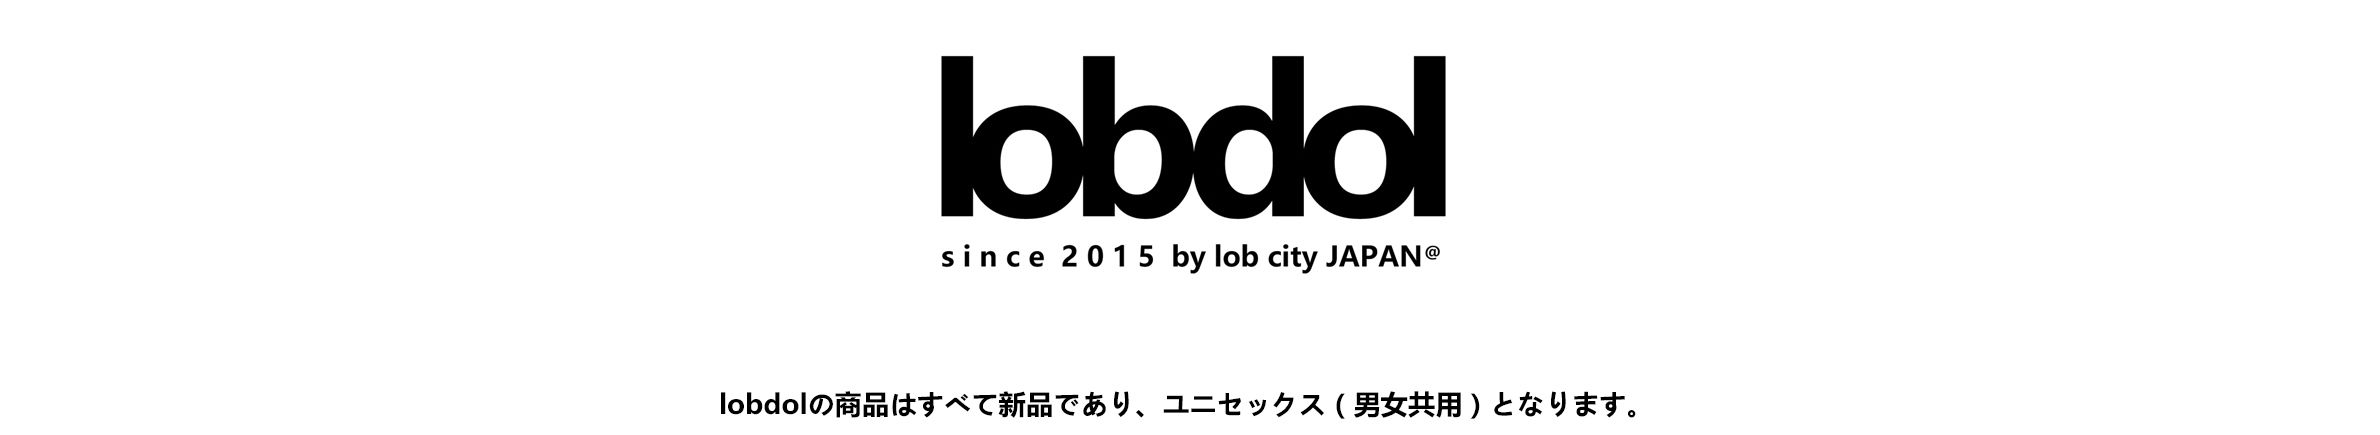 lobdol